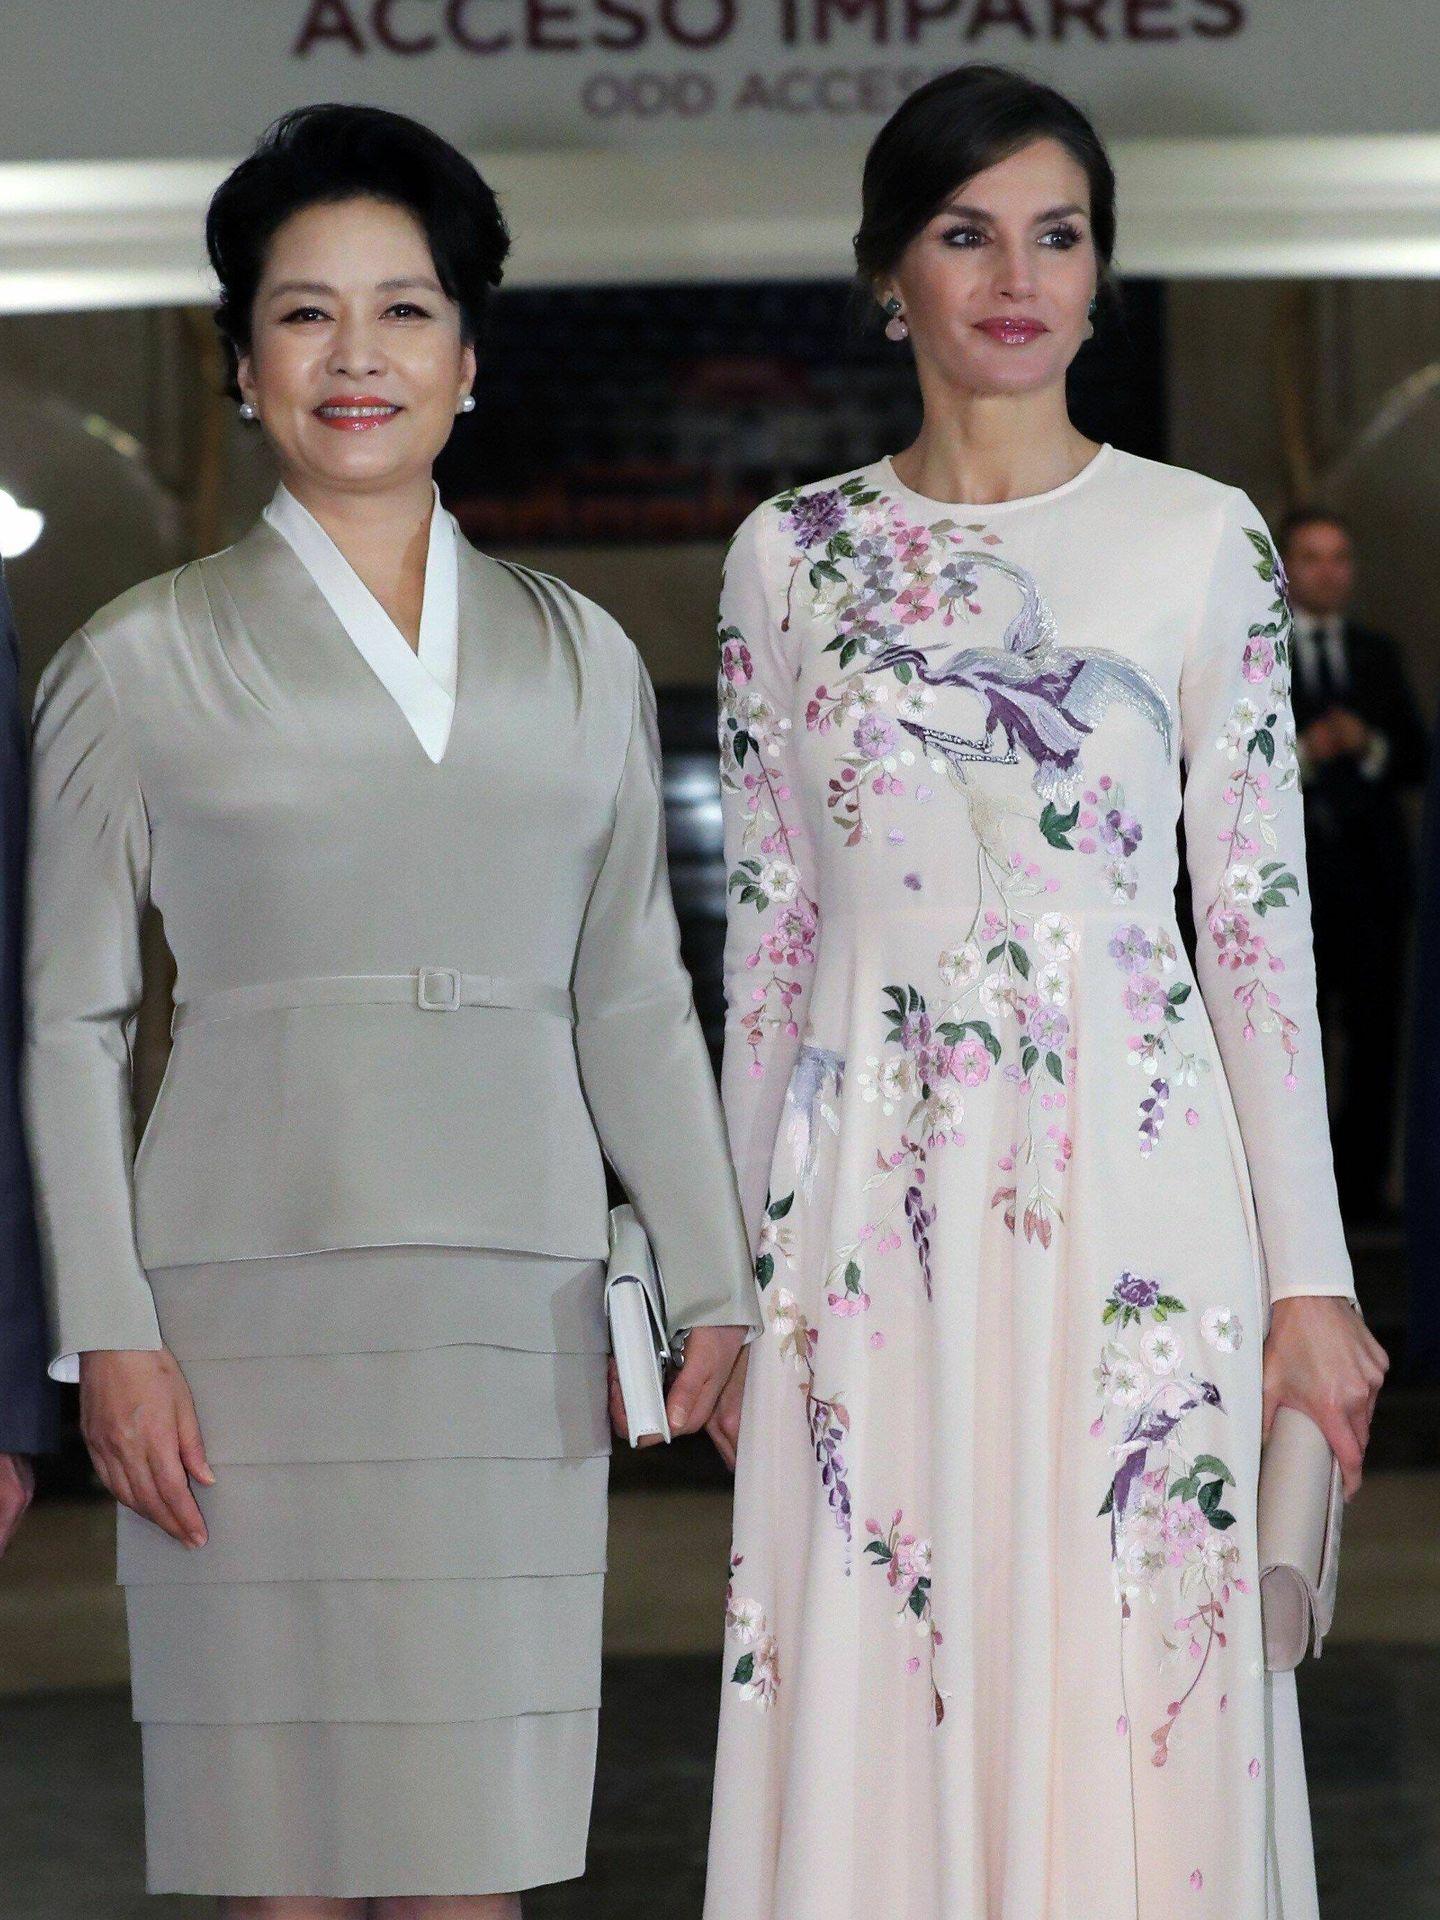 La reina Letizia con el vestido de flores bordadas y pájaros de Asos. (Getty)